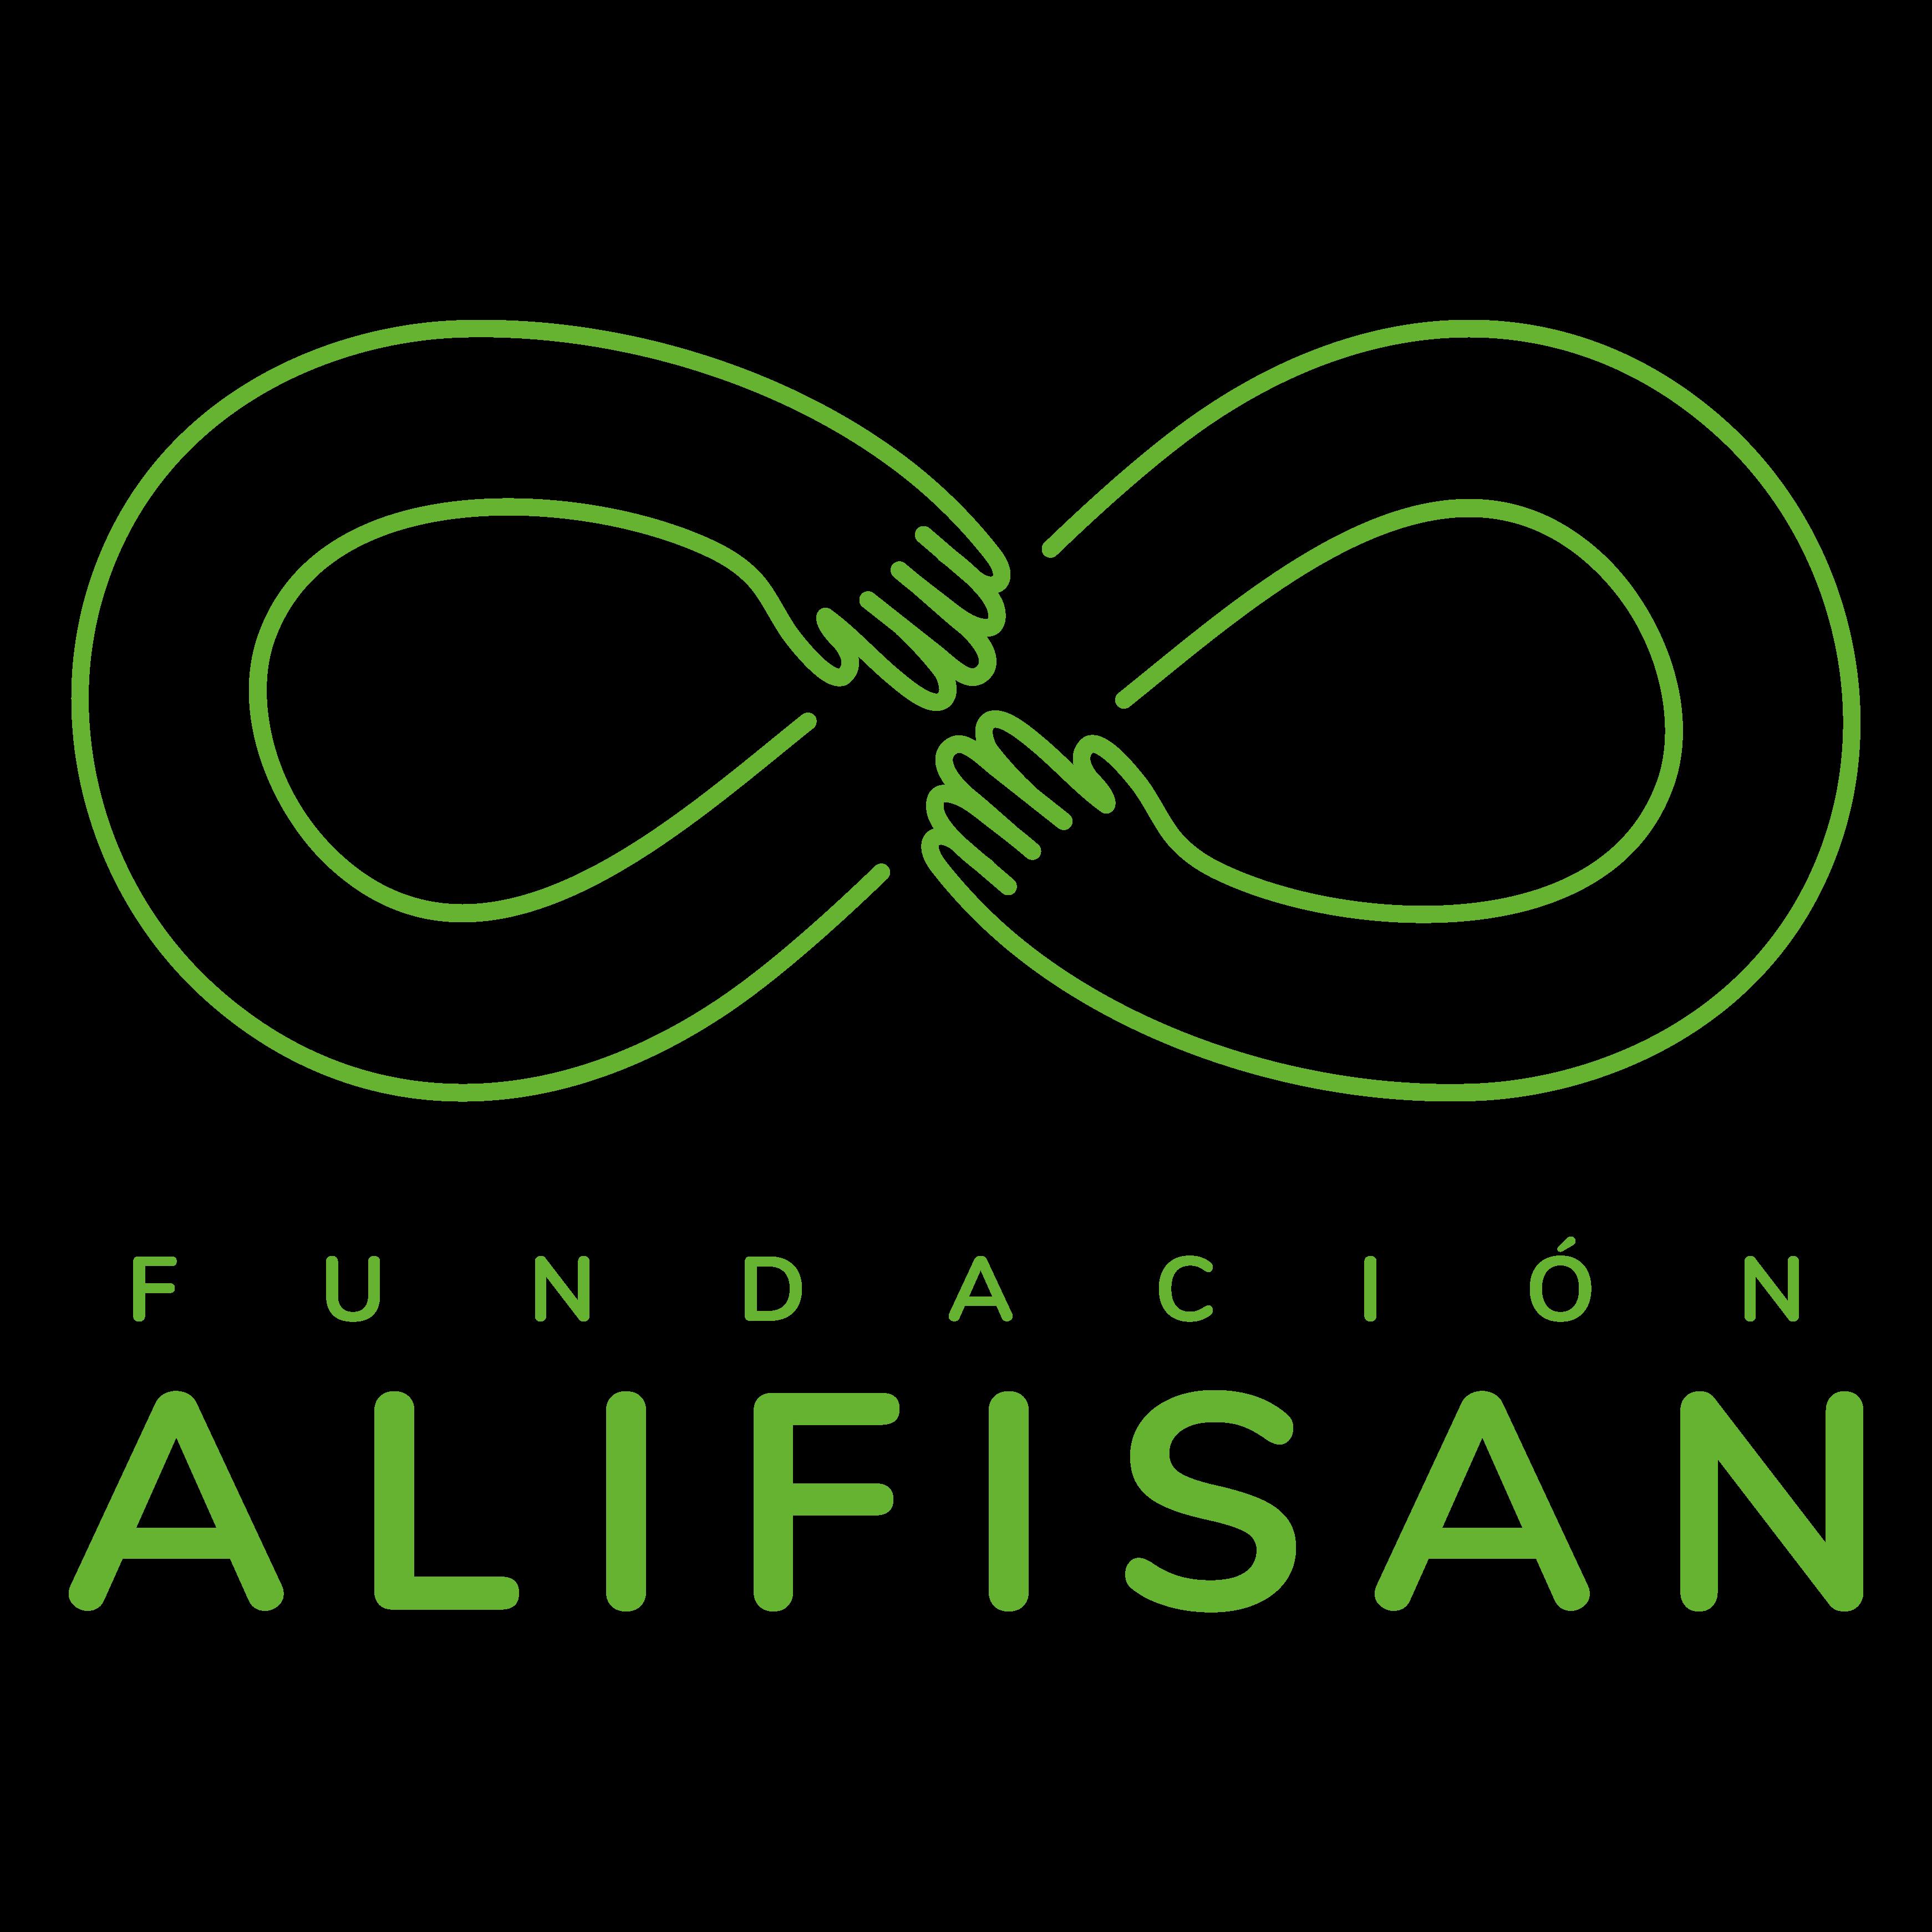 Fundación Alifisan